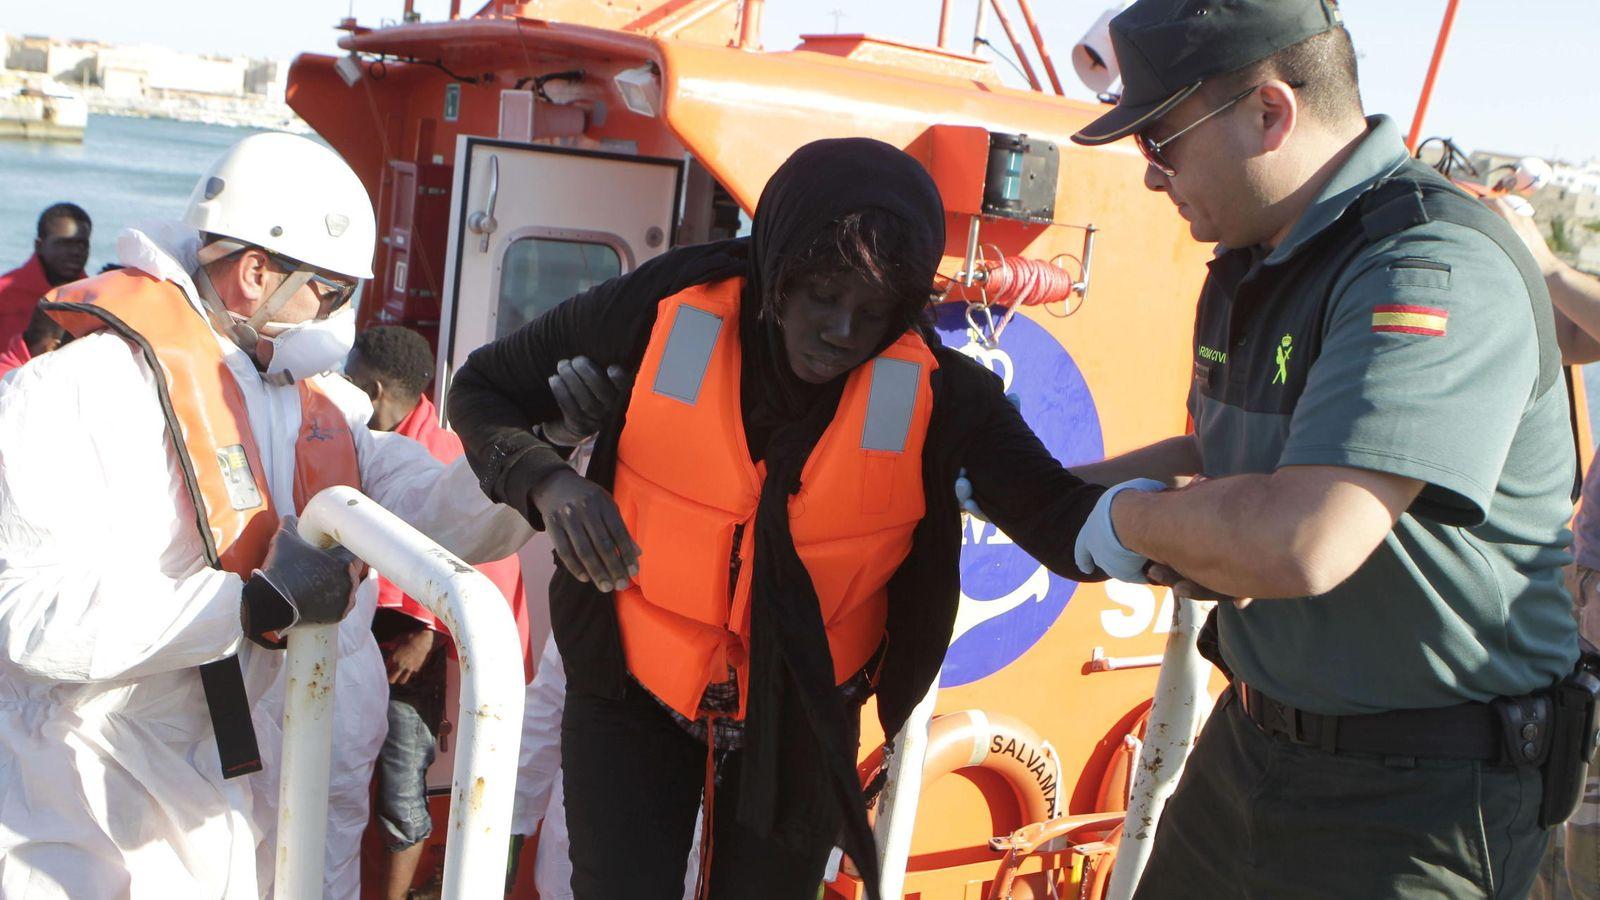 Foto: Un agente de la Guardia Civil y personal de Cruz Roja, ayudan a desembarcar en el puerto de Tarifa (Cádiz) a una mujer de origen subsahariano . (EFE)